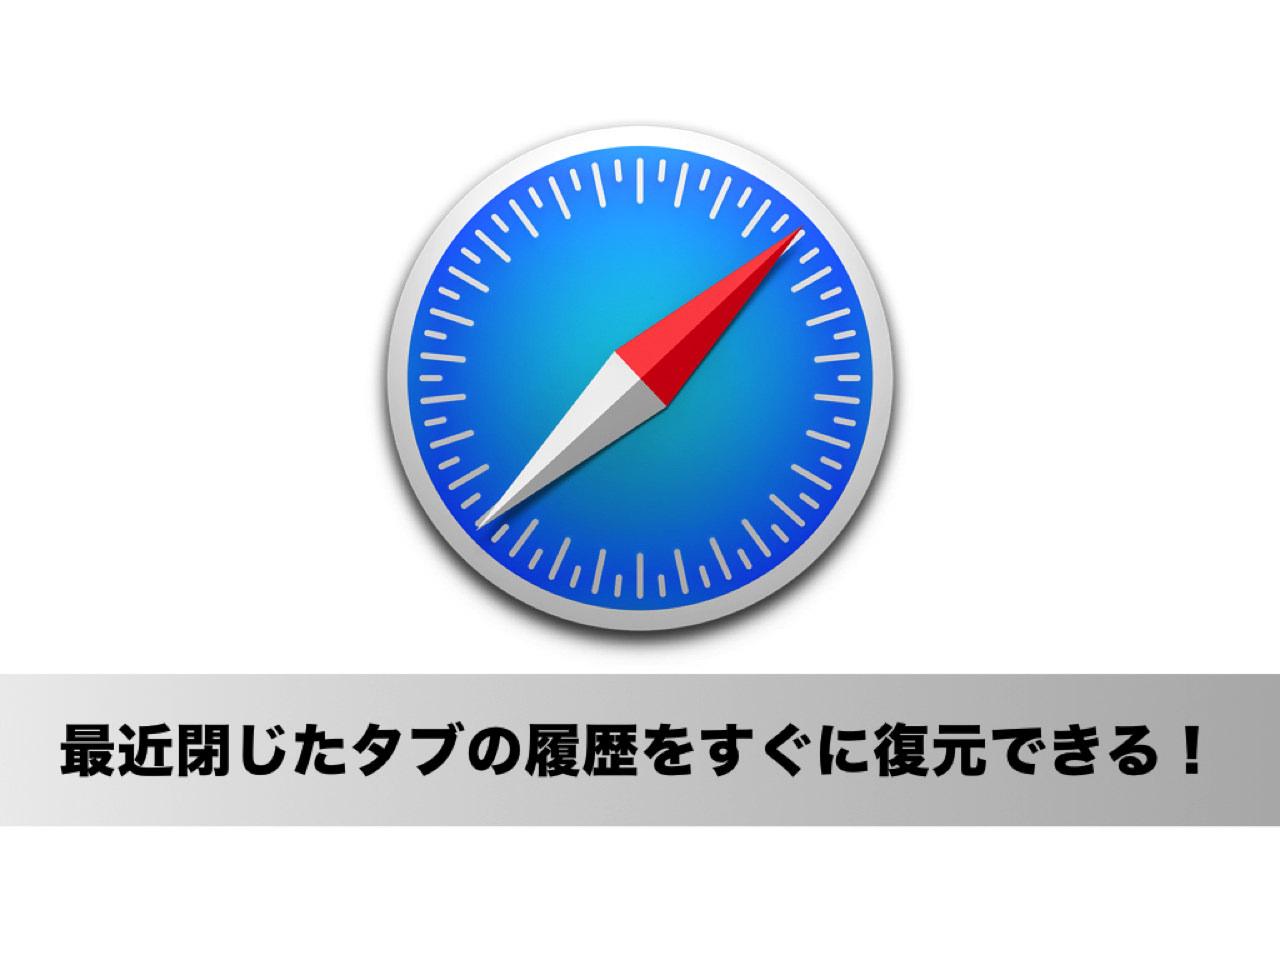 「Safari」で最近閉じたタブの履歴をワンクリックで復元できる機能拡張「Recent Tab List」